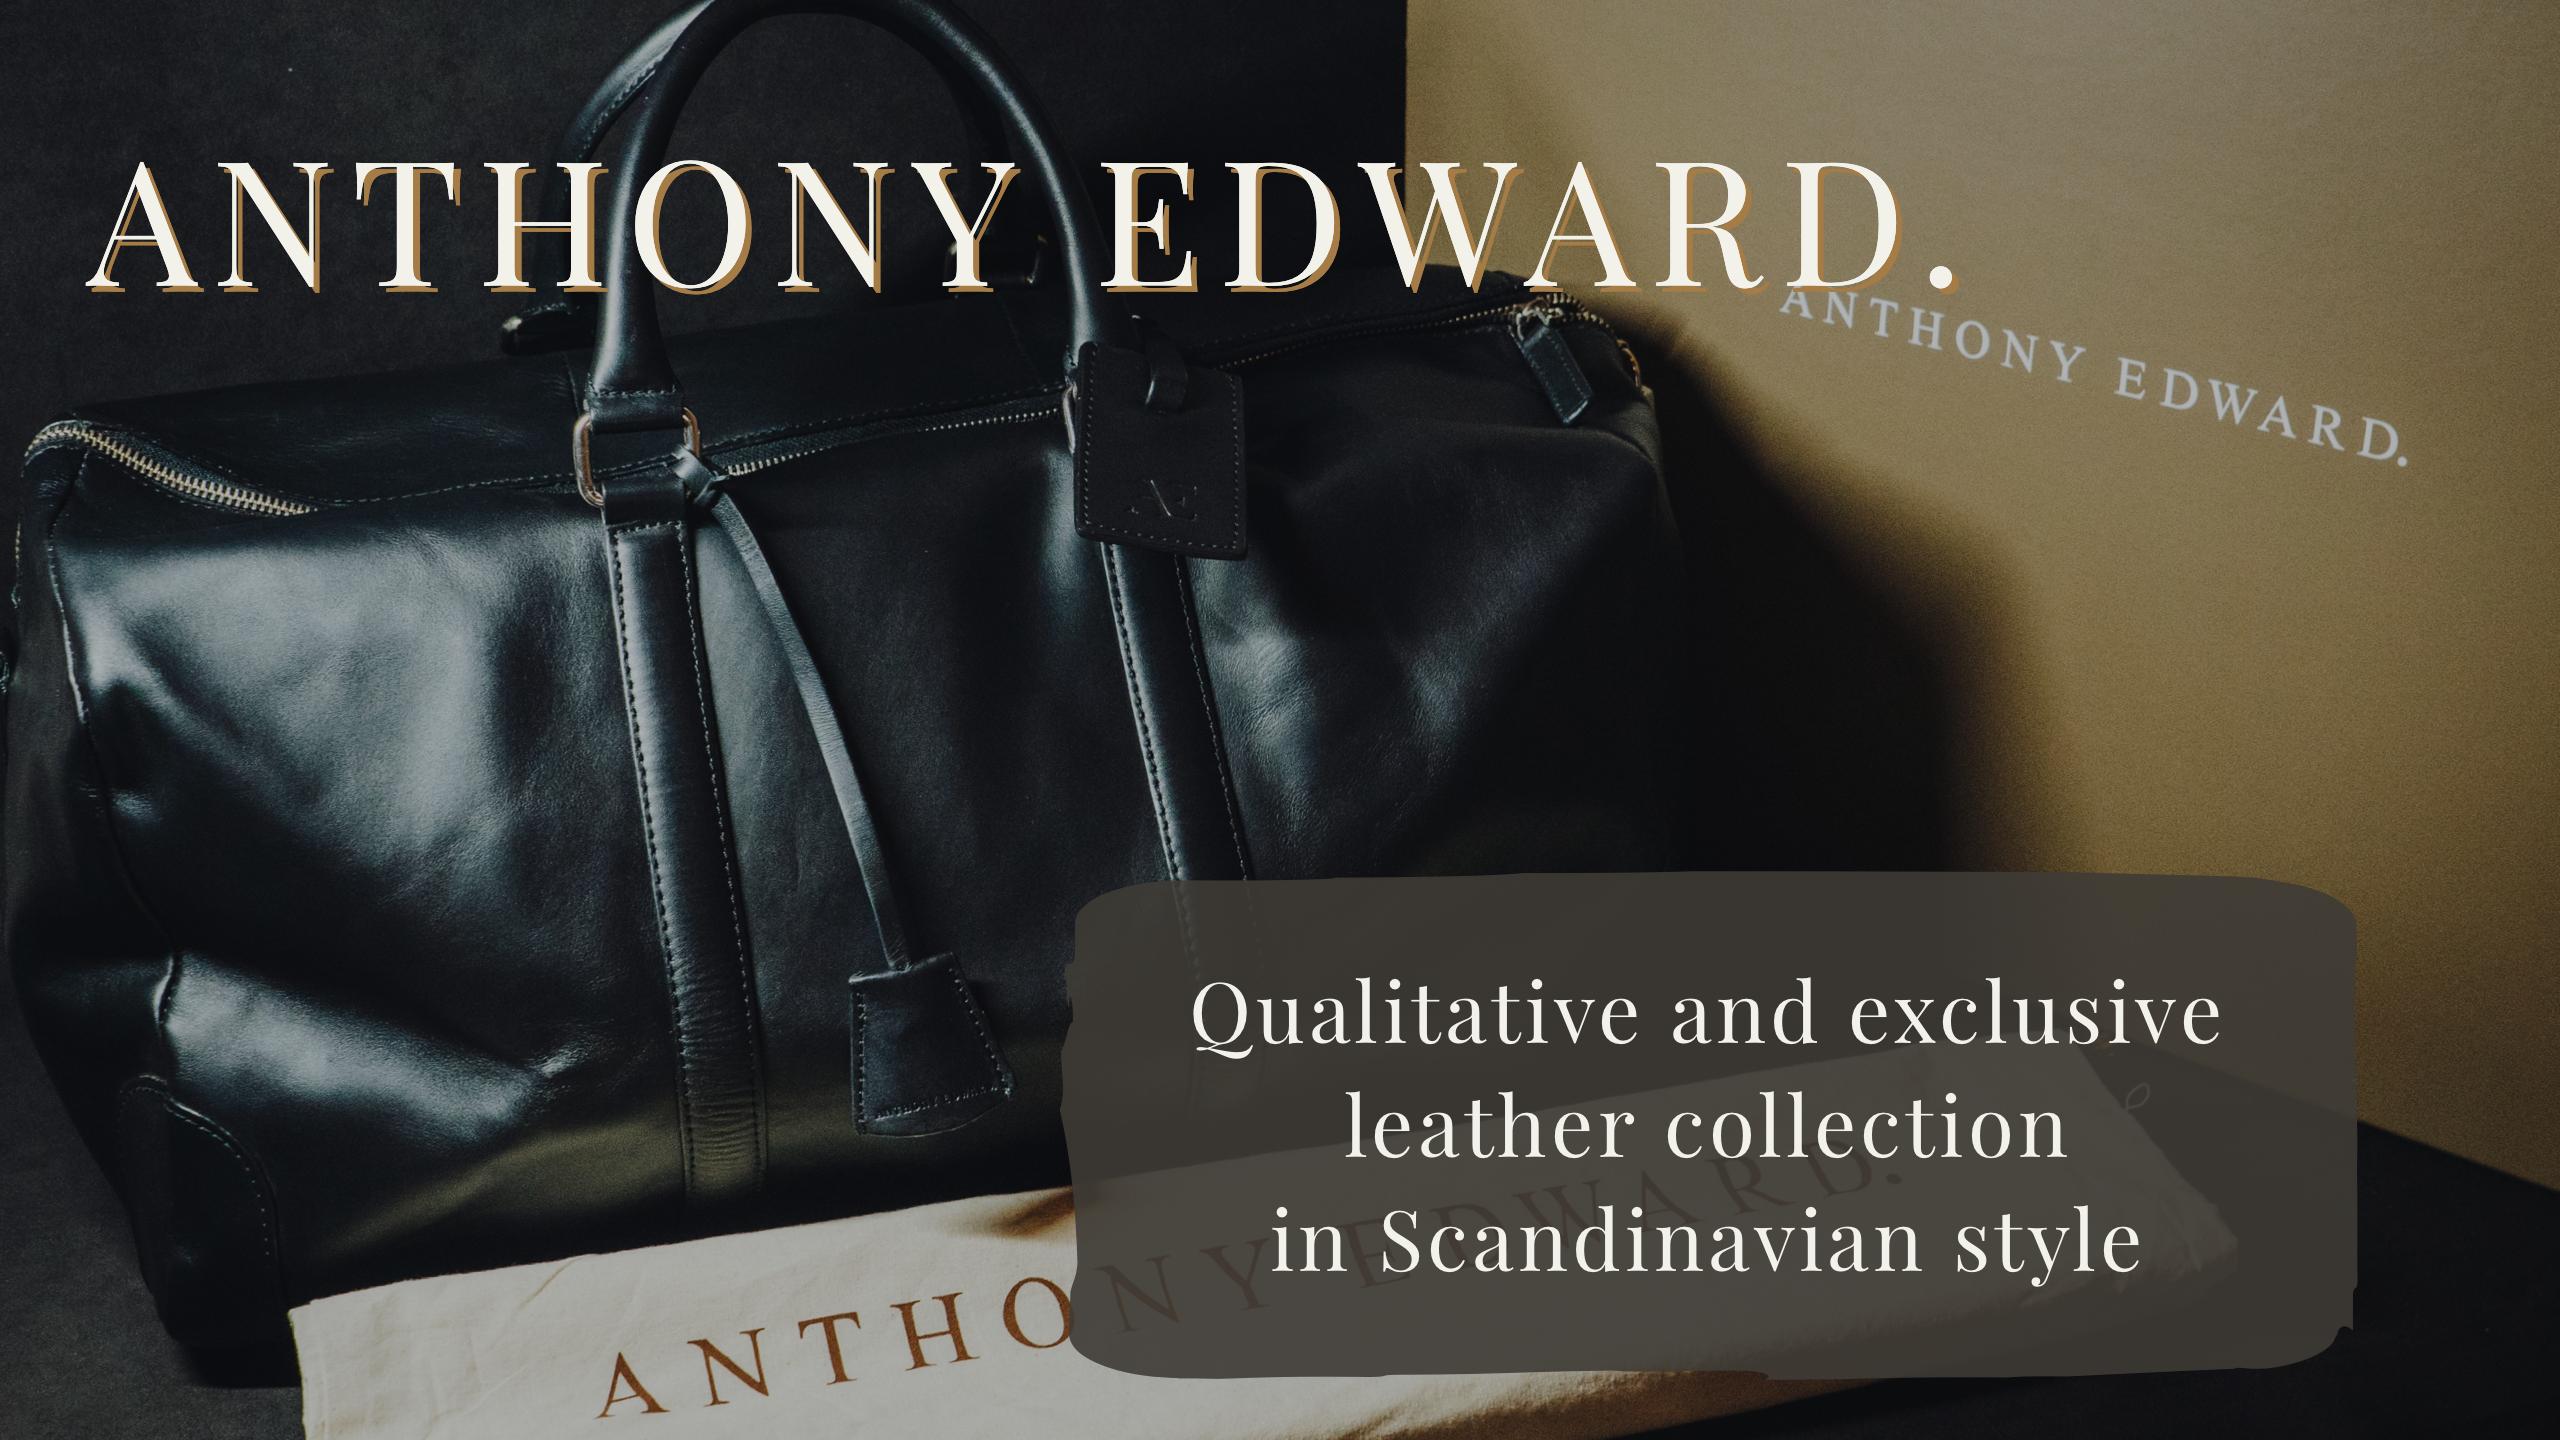 スウェーデンのレザーブランド ANTHONY EDWARDのダッフルバッグをレビュー!【国内未上陸】